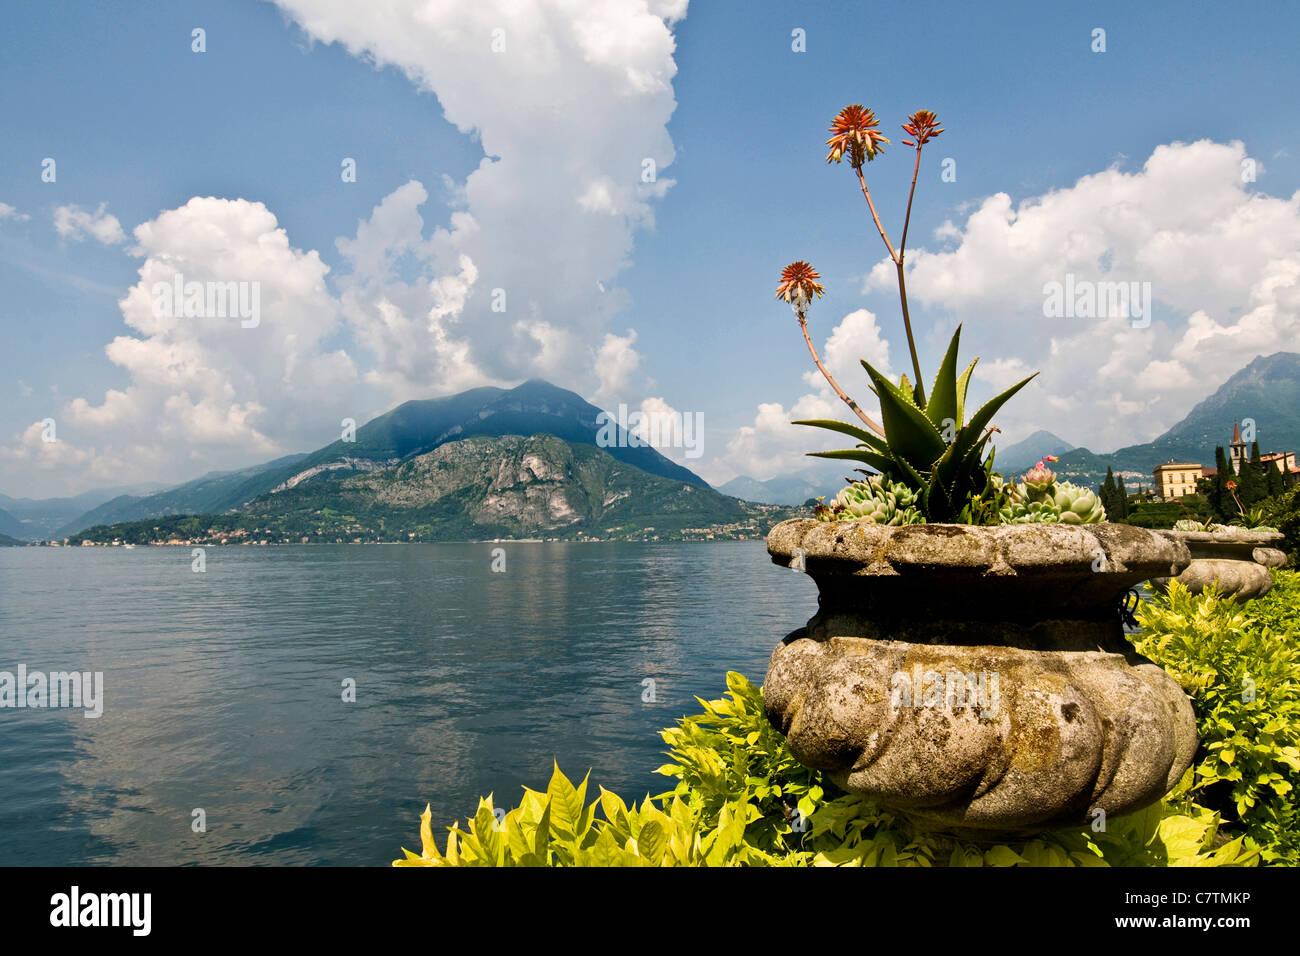 Italy, Lombardy, Lake Como, Varenna, Villa Monastero, garden - Stock Image